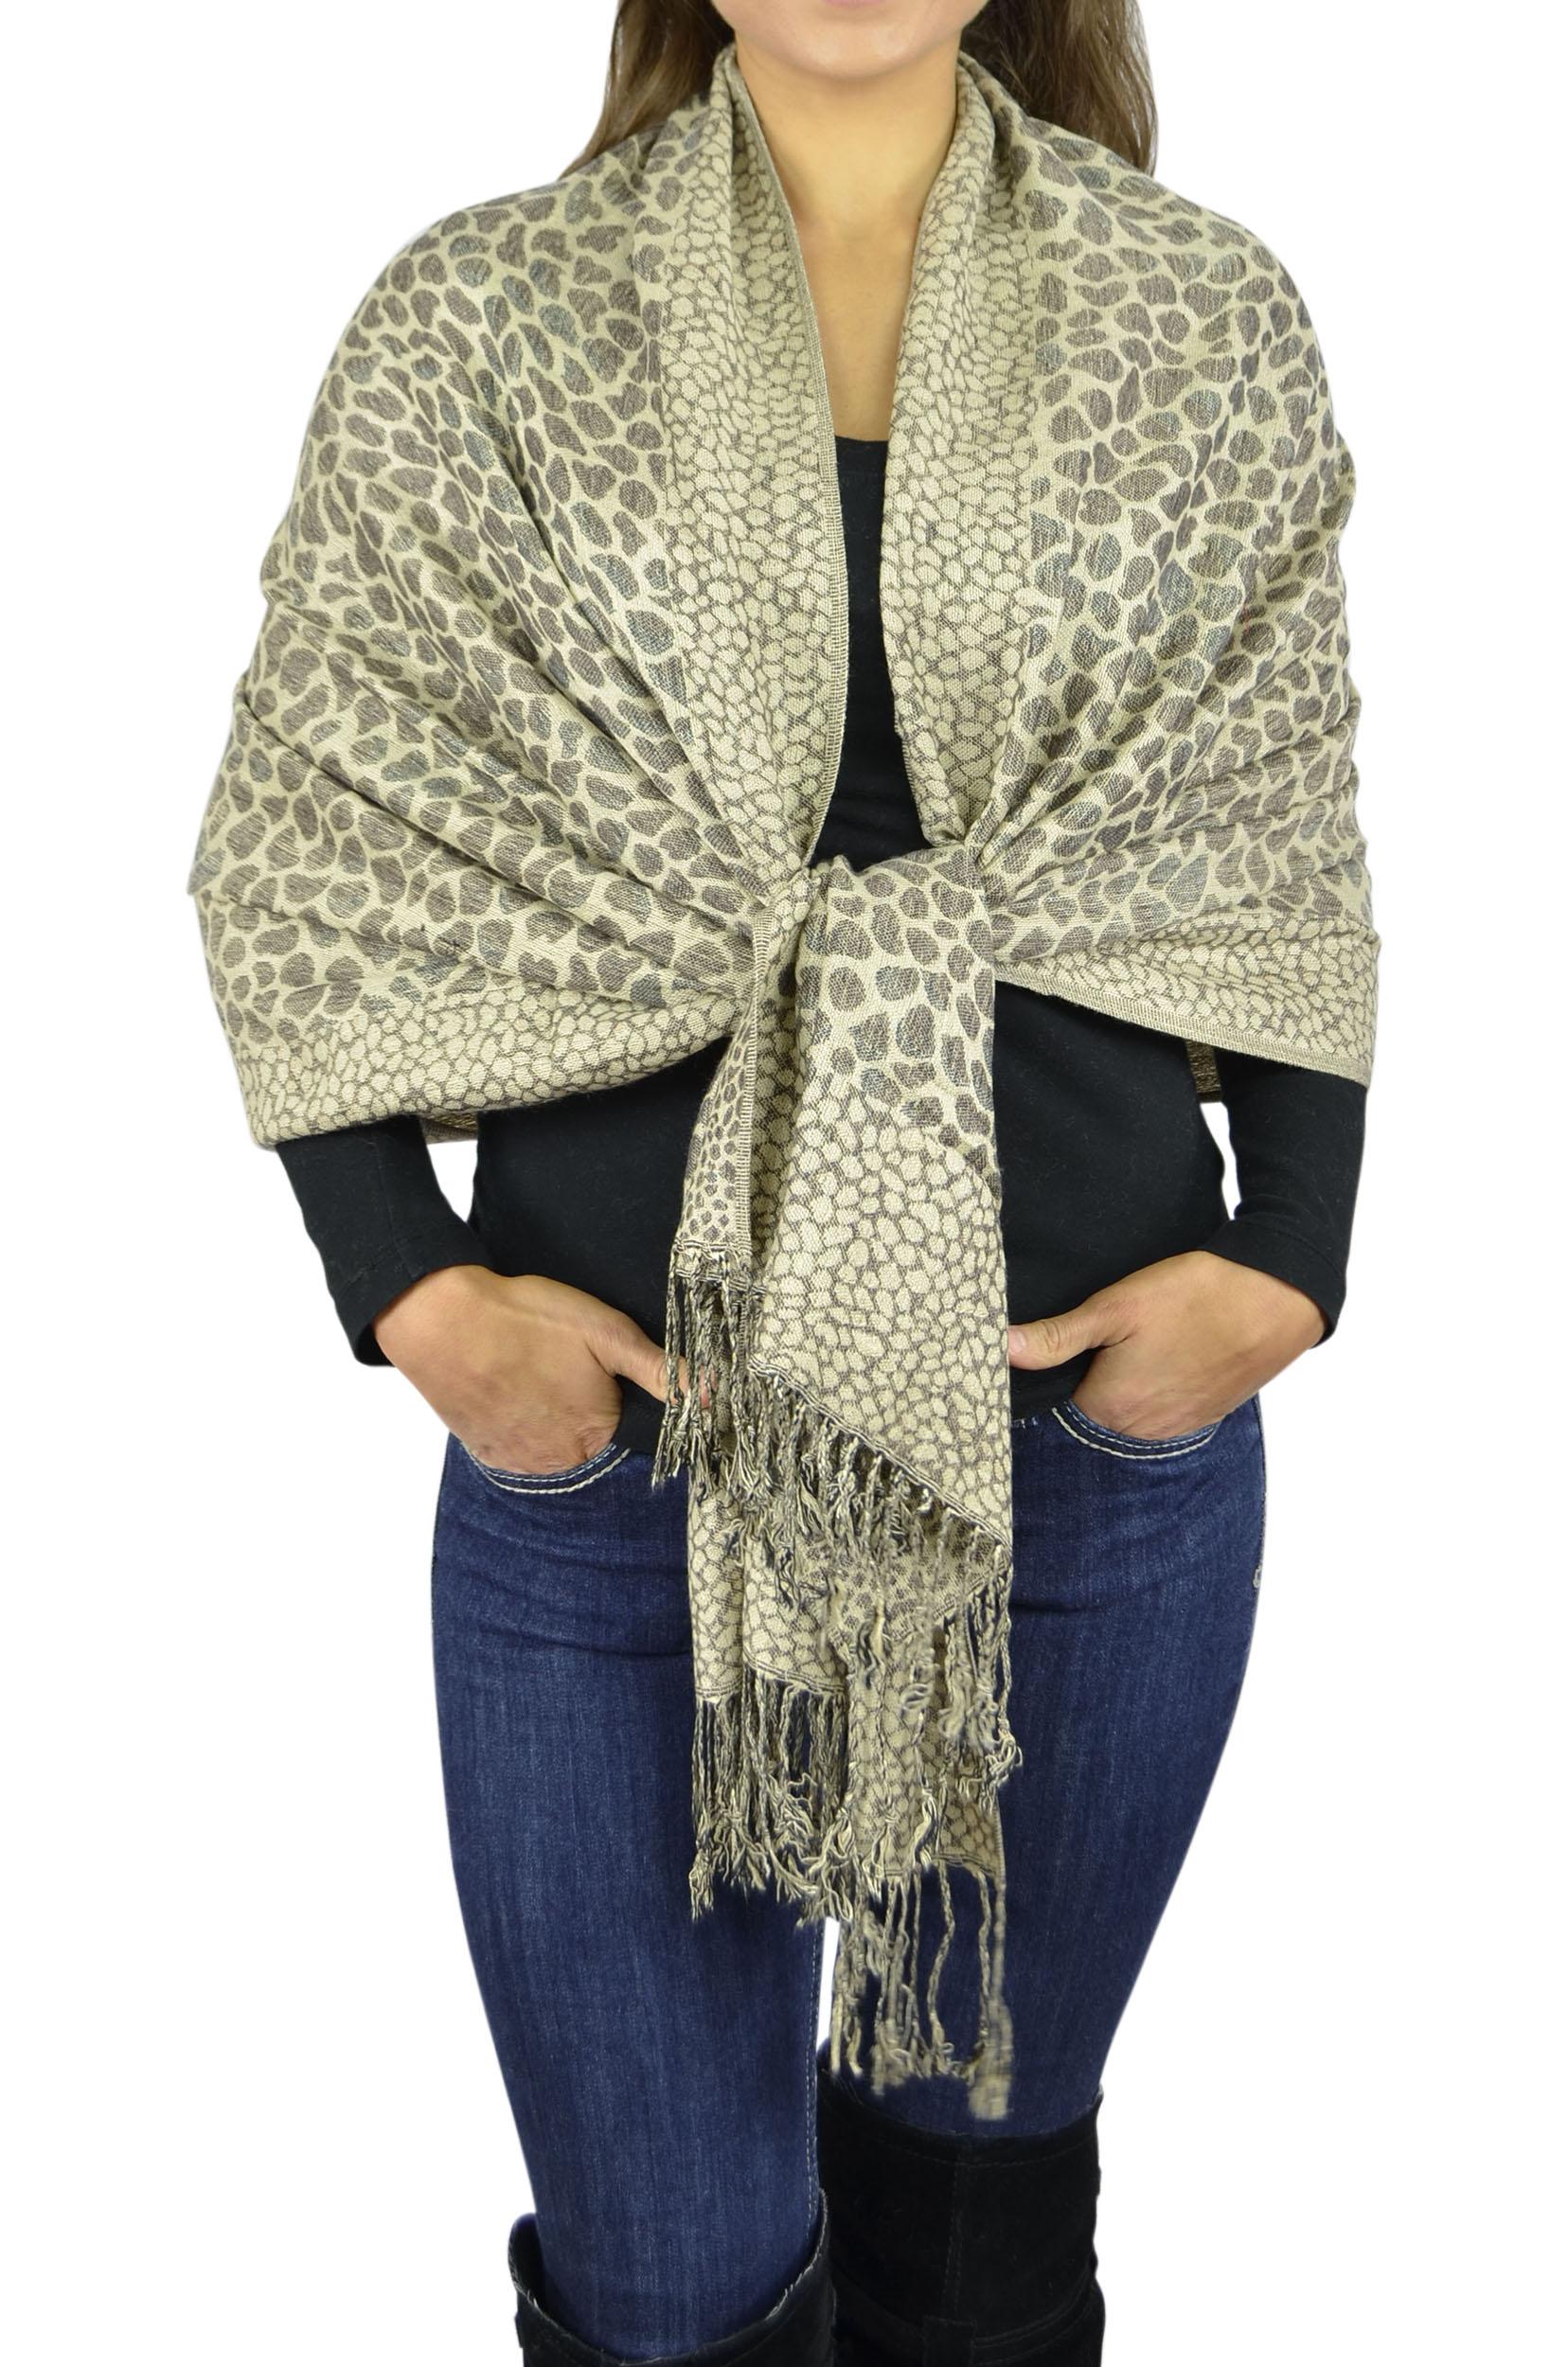 Pashmina Women Soft Wrap Shawl Animal Print Scarf By Belle Donne - Tan